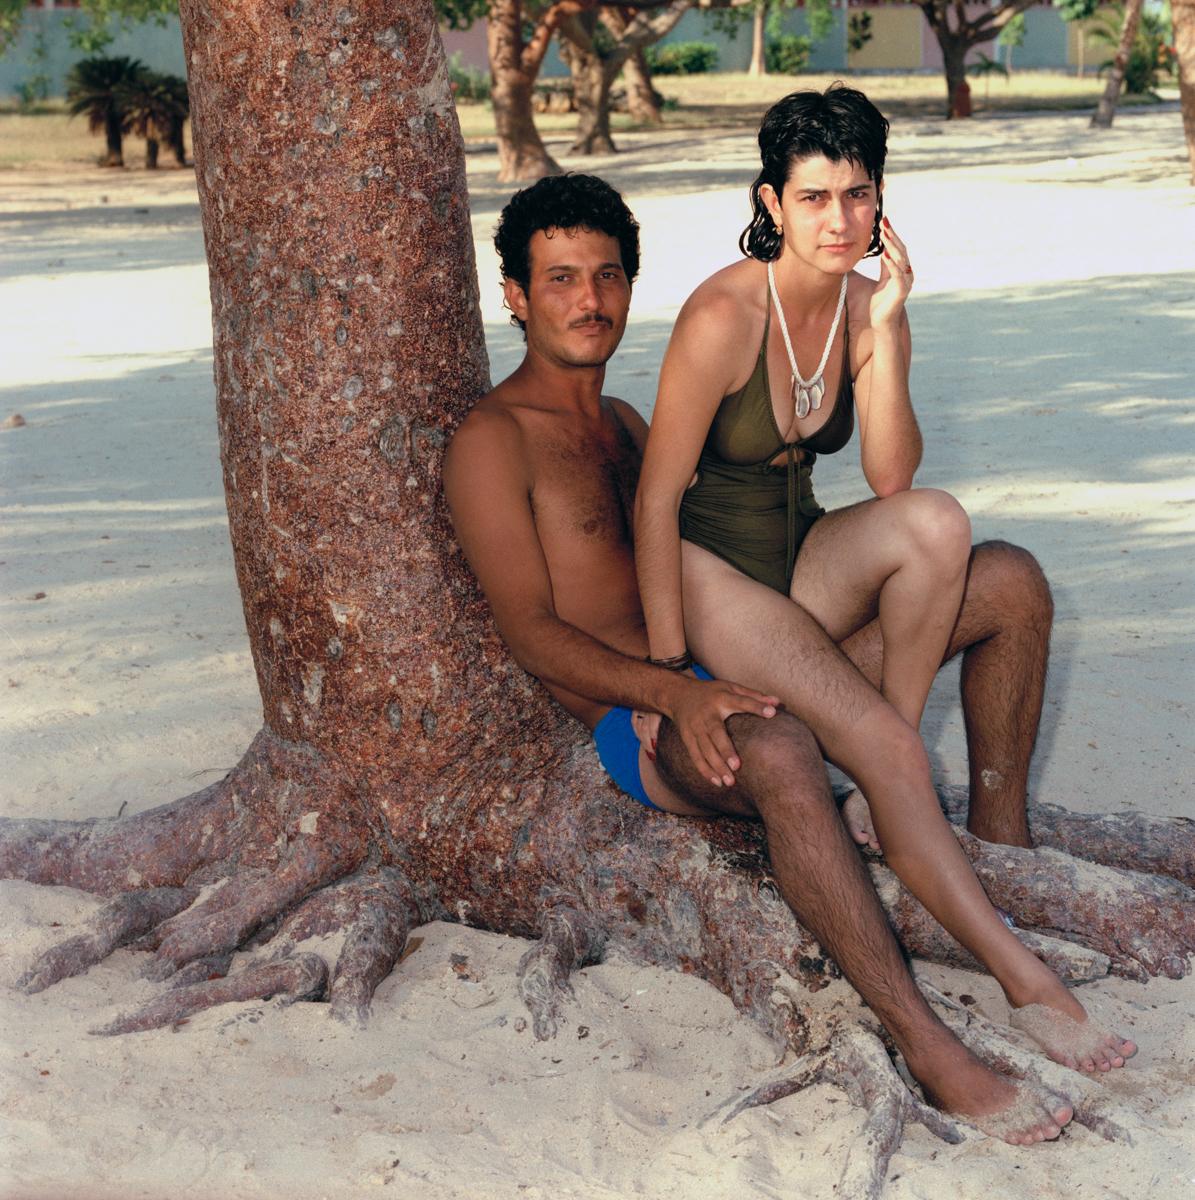 Couple, Trinidad, Cuba 1989